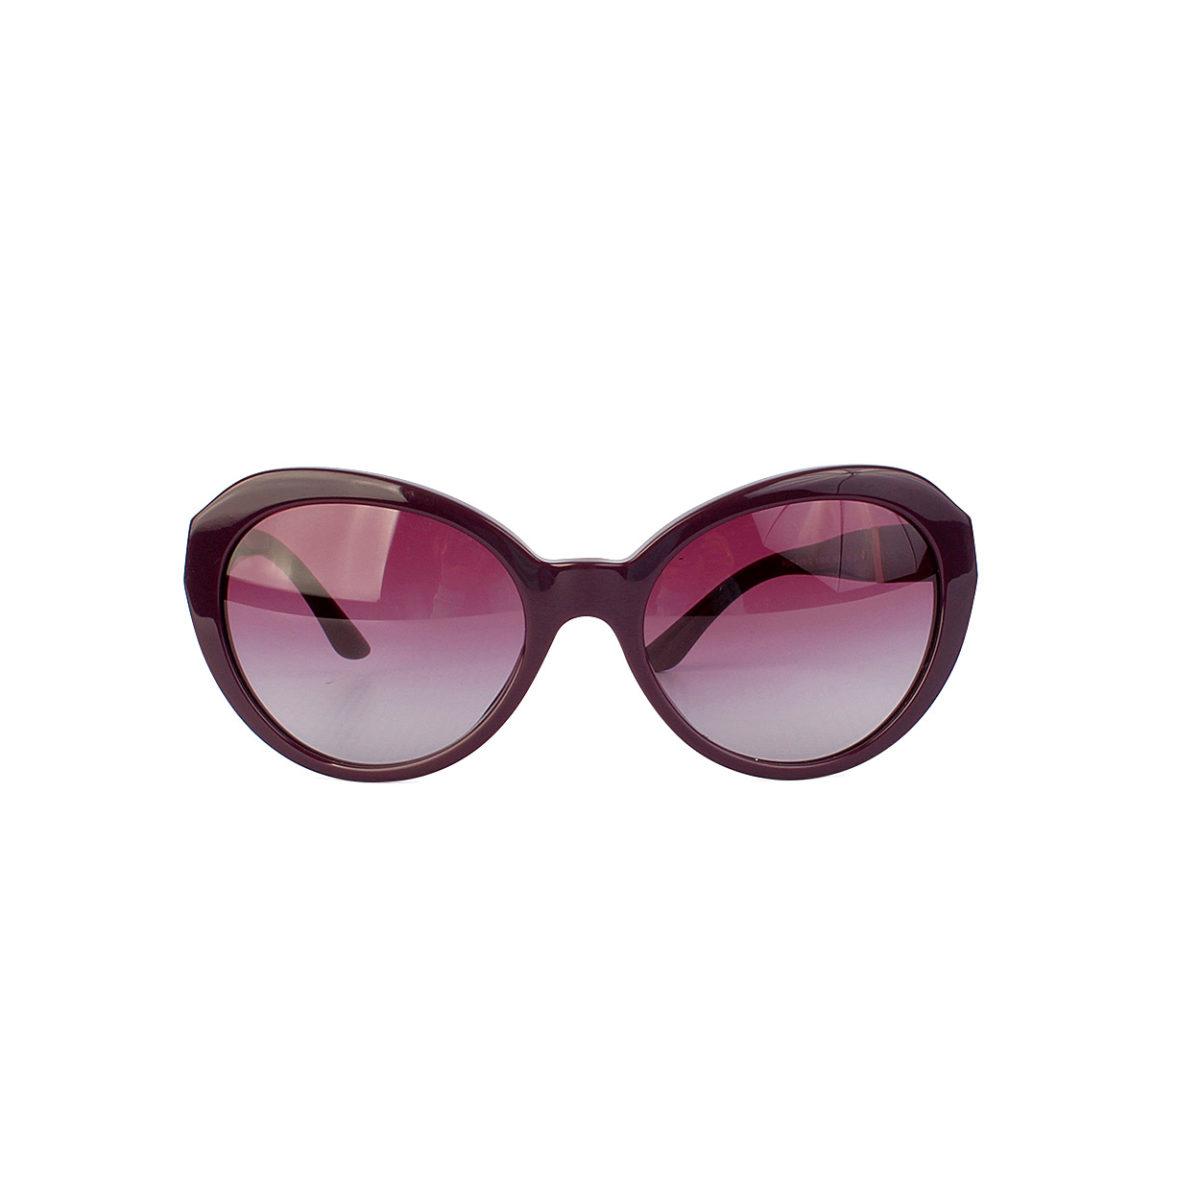 b6a7ea95f435 Versace Purple Cat Eye Glasses